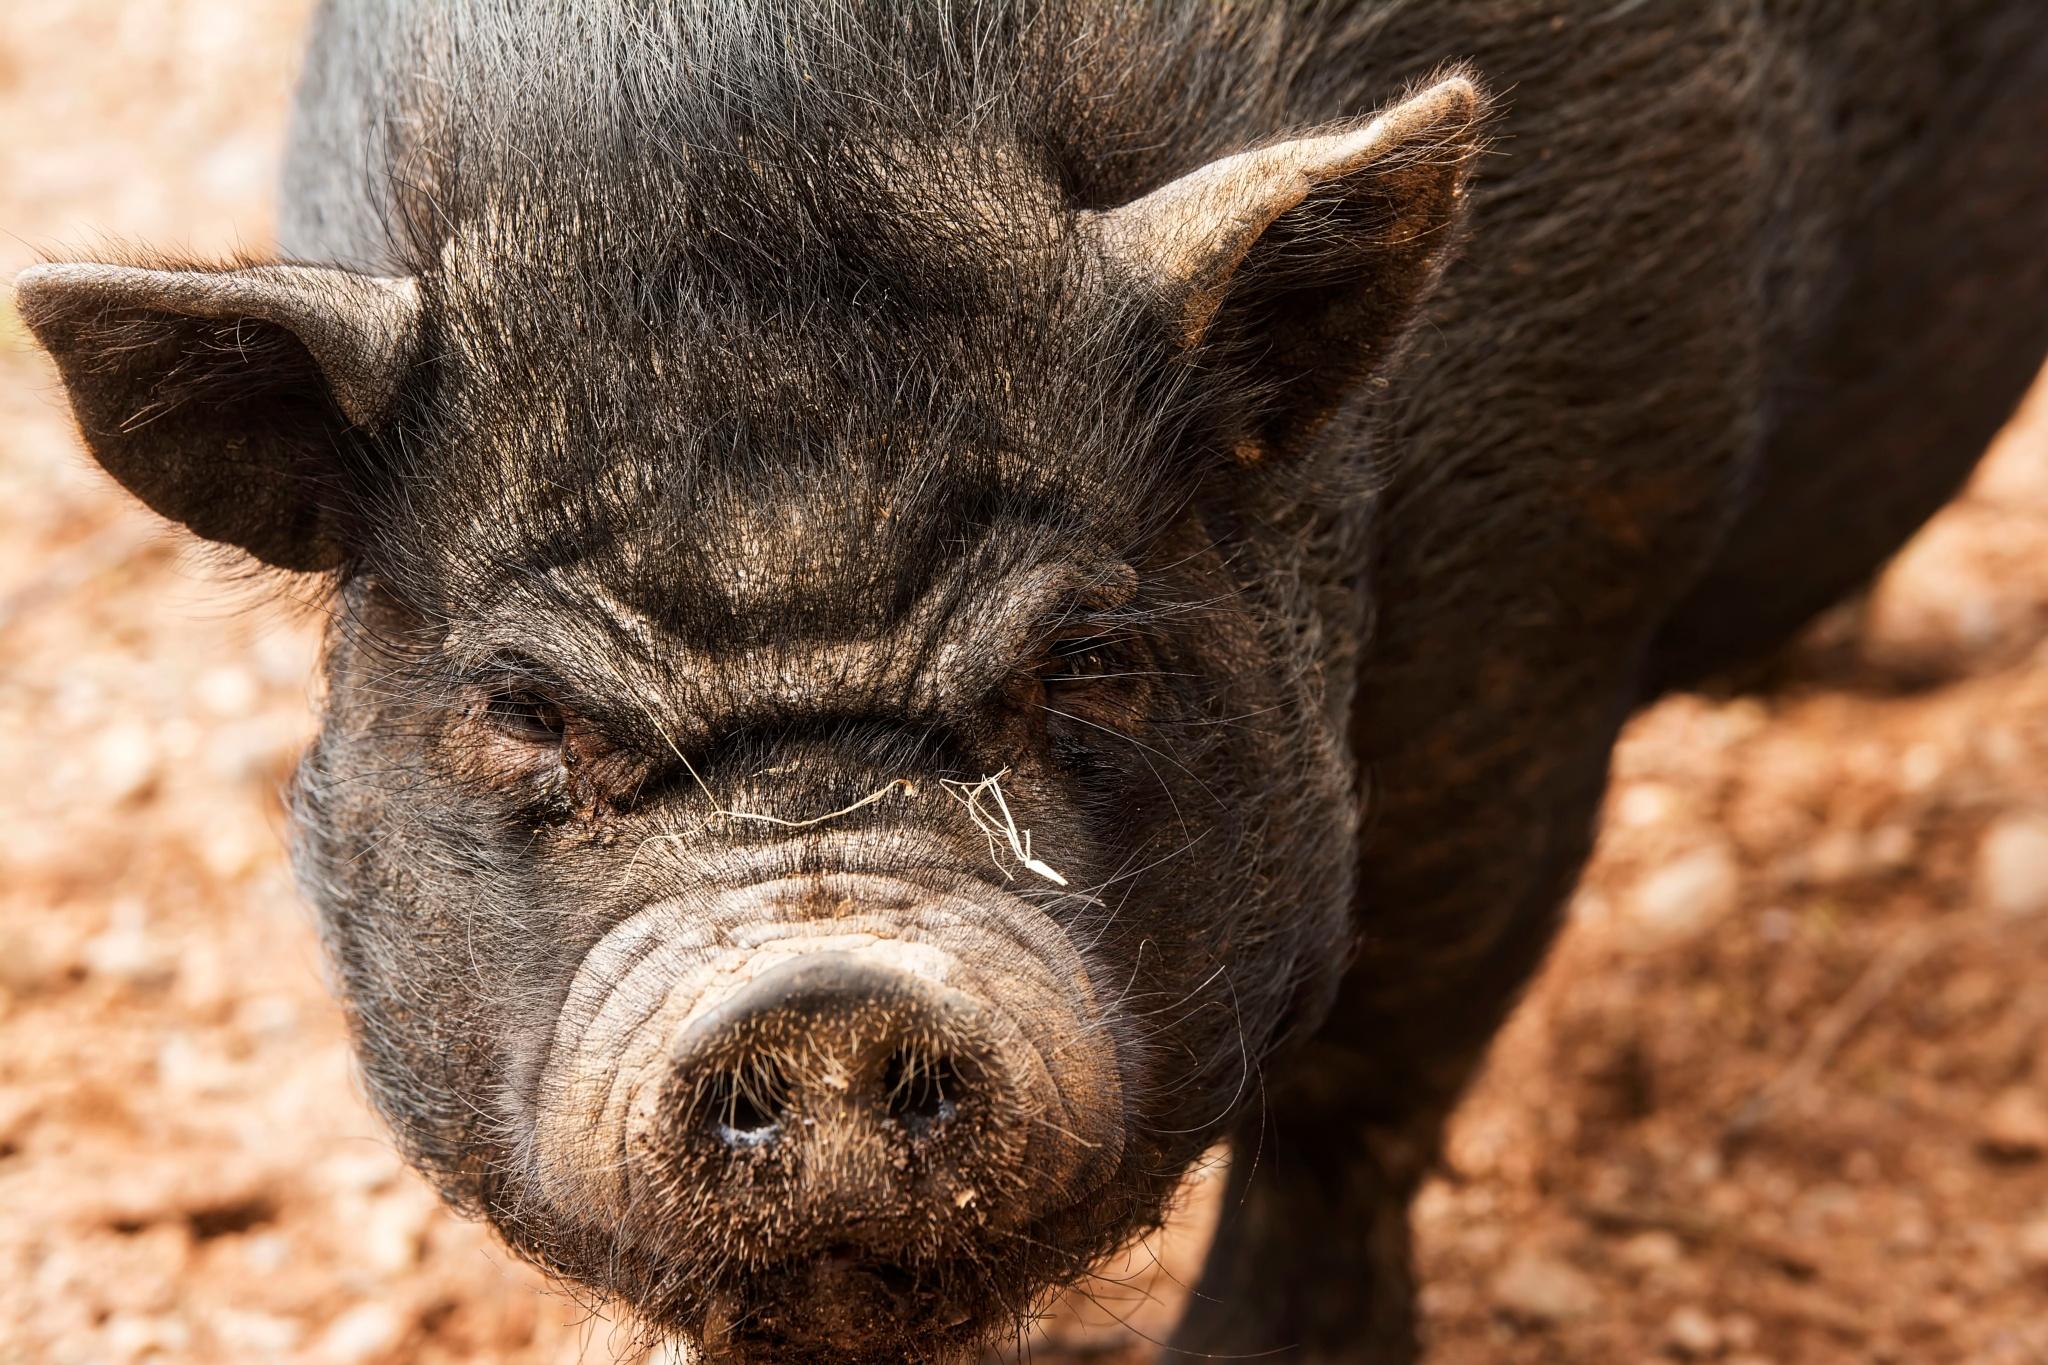 Hog by Wayne L. Talbot